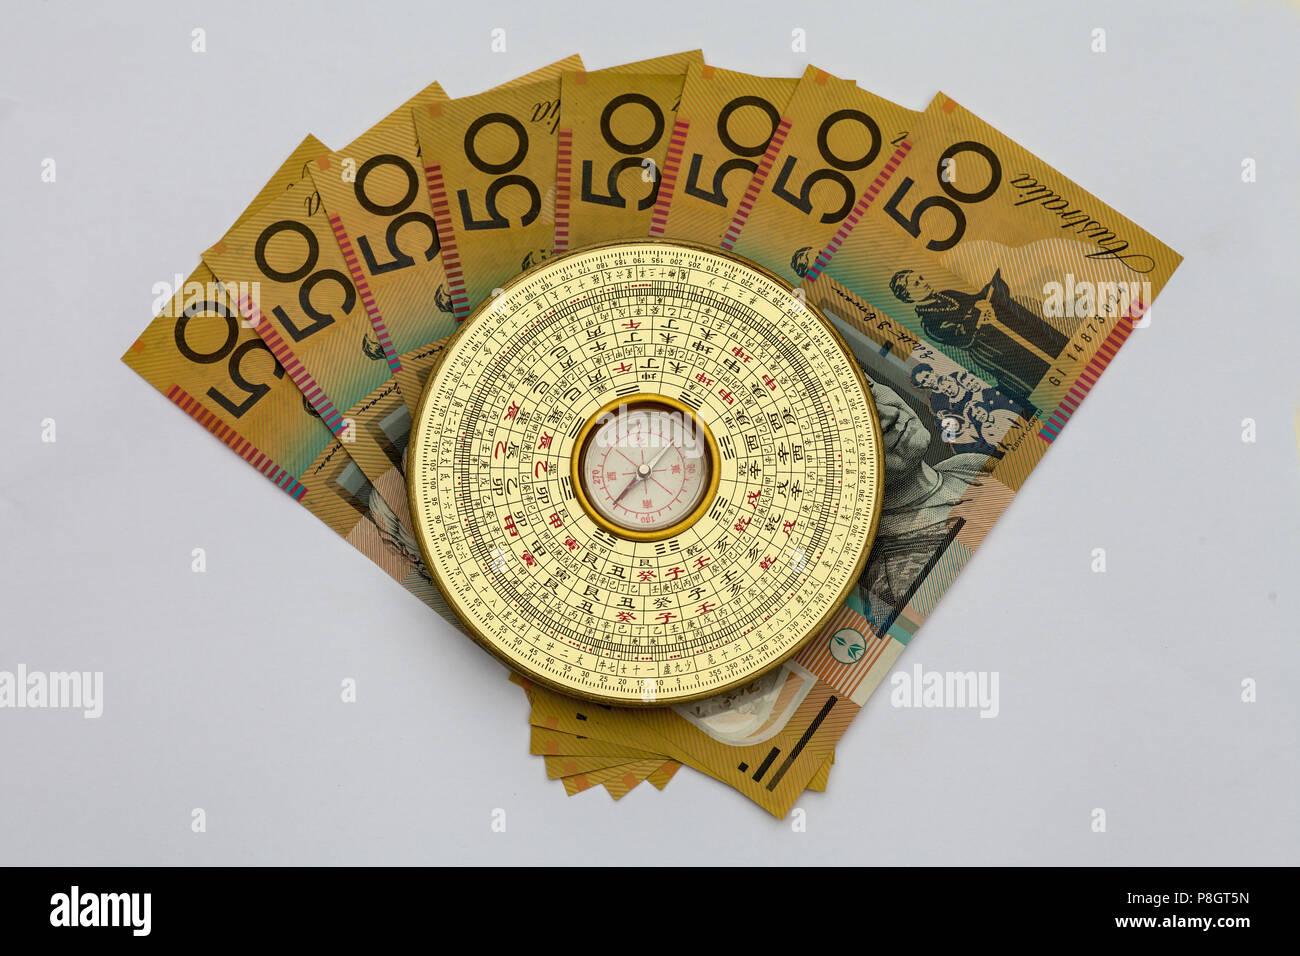 Il cinese Feng Shui bussola sulla parte superiore della moneta australiana Immagini Stock